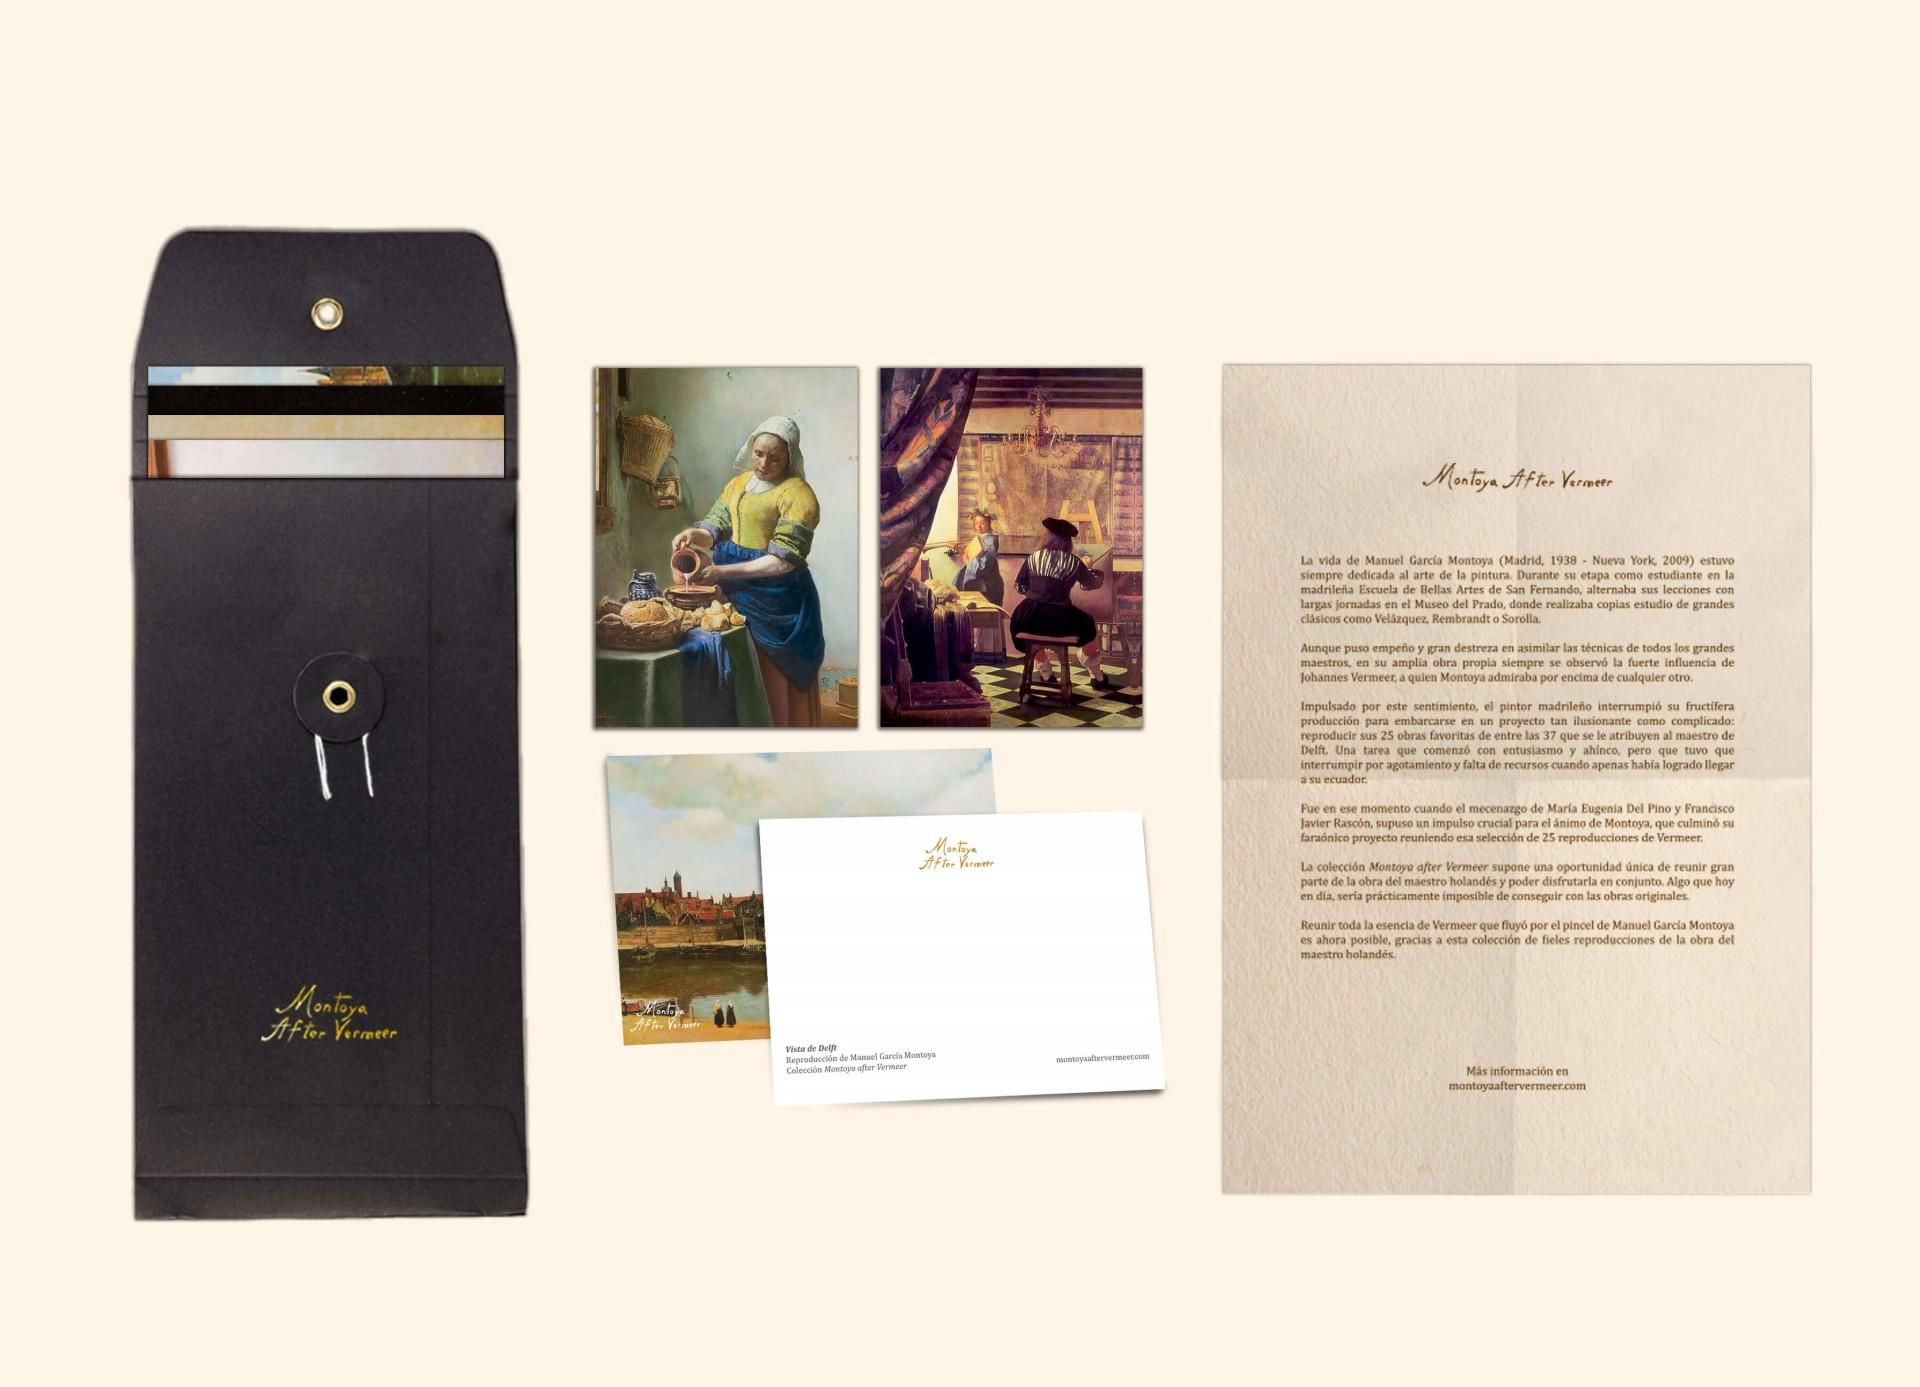 campana-de-comunicacion-montoya-after-vermeer-nota-de-prensa-postales